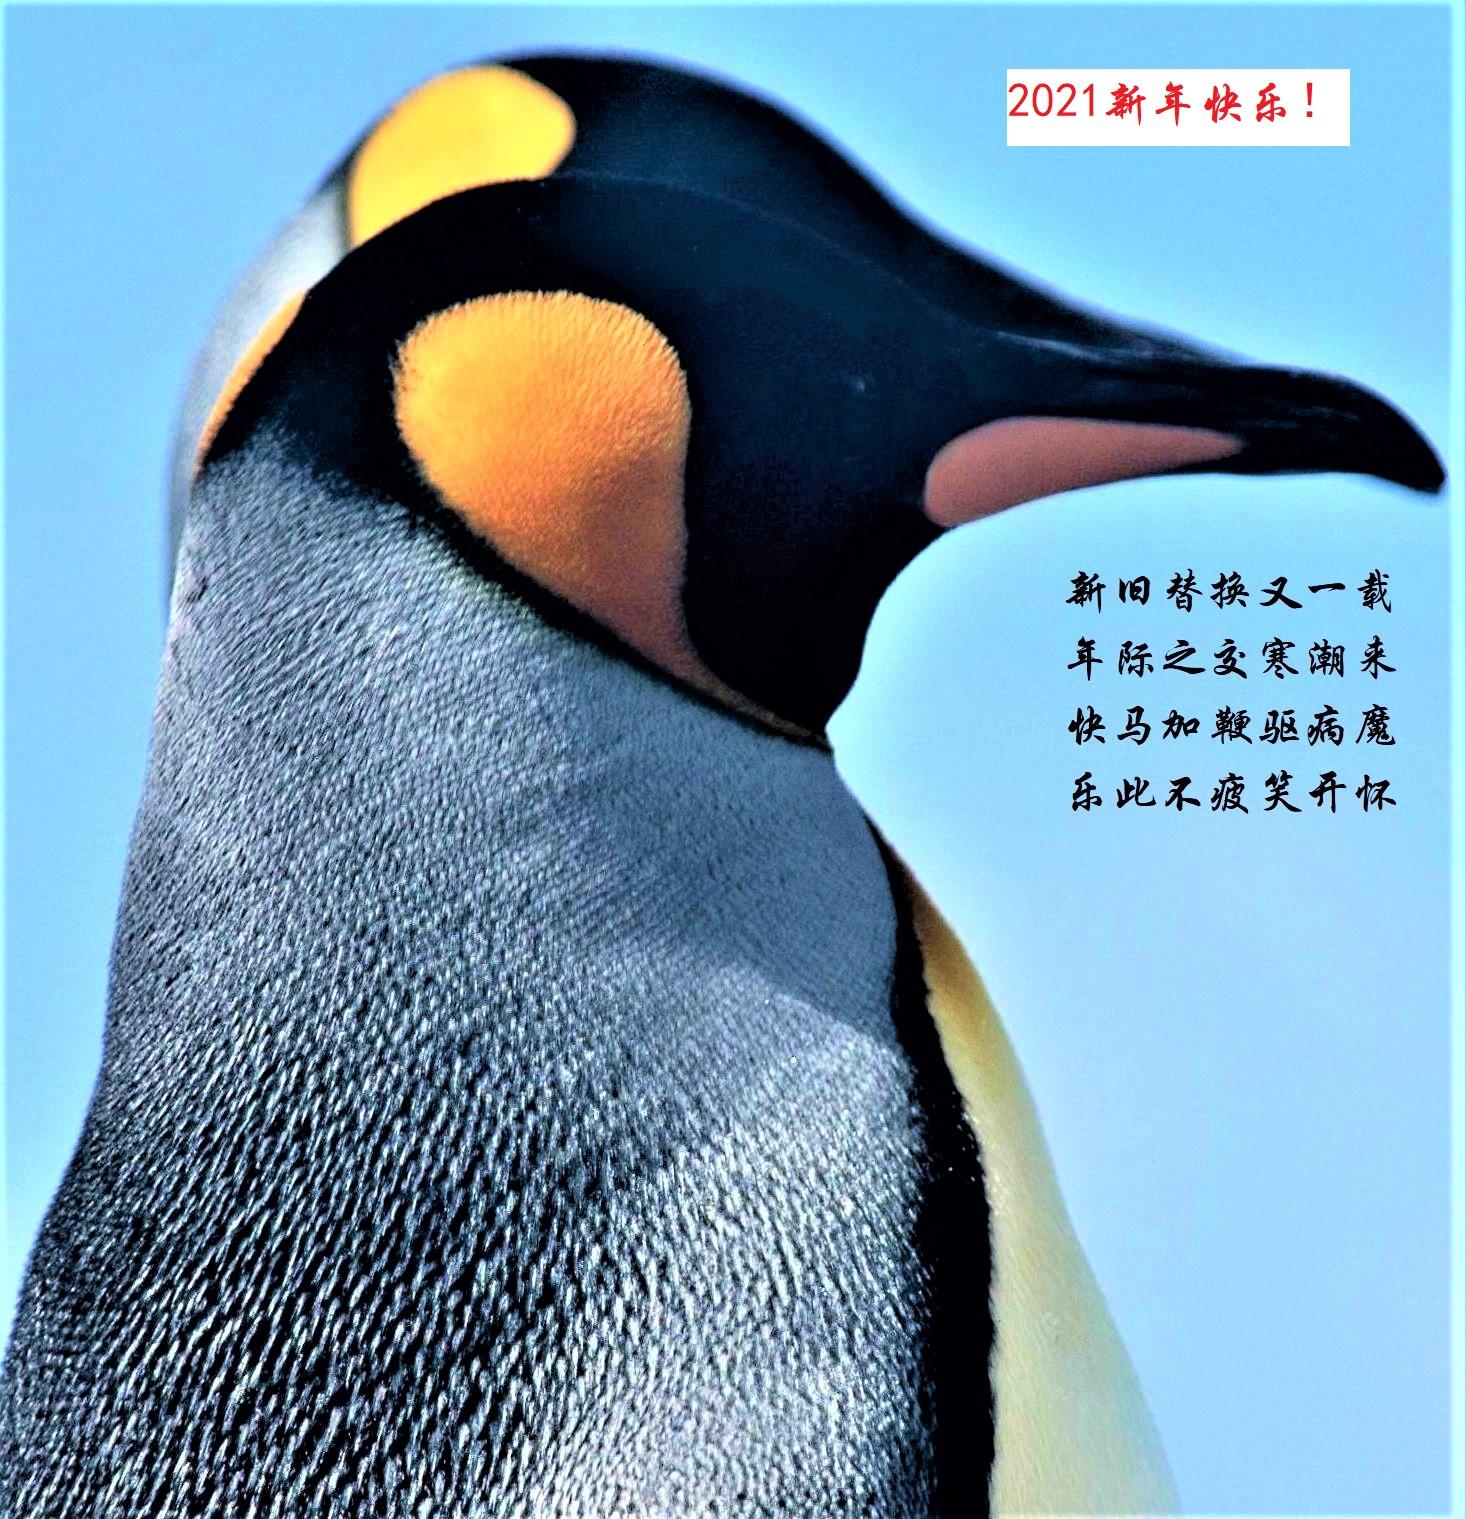 0000重新曝光 DSC_0207 - 副本 (2).jpg